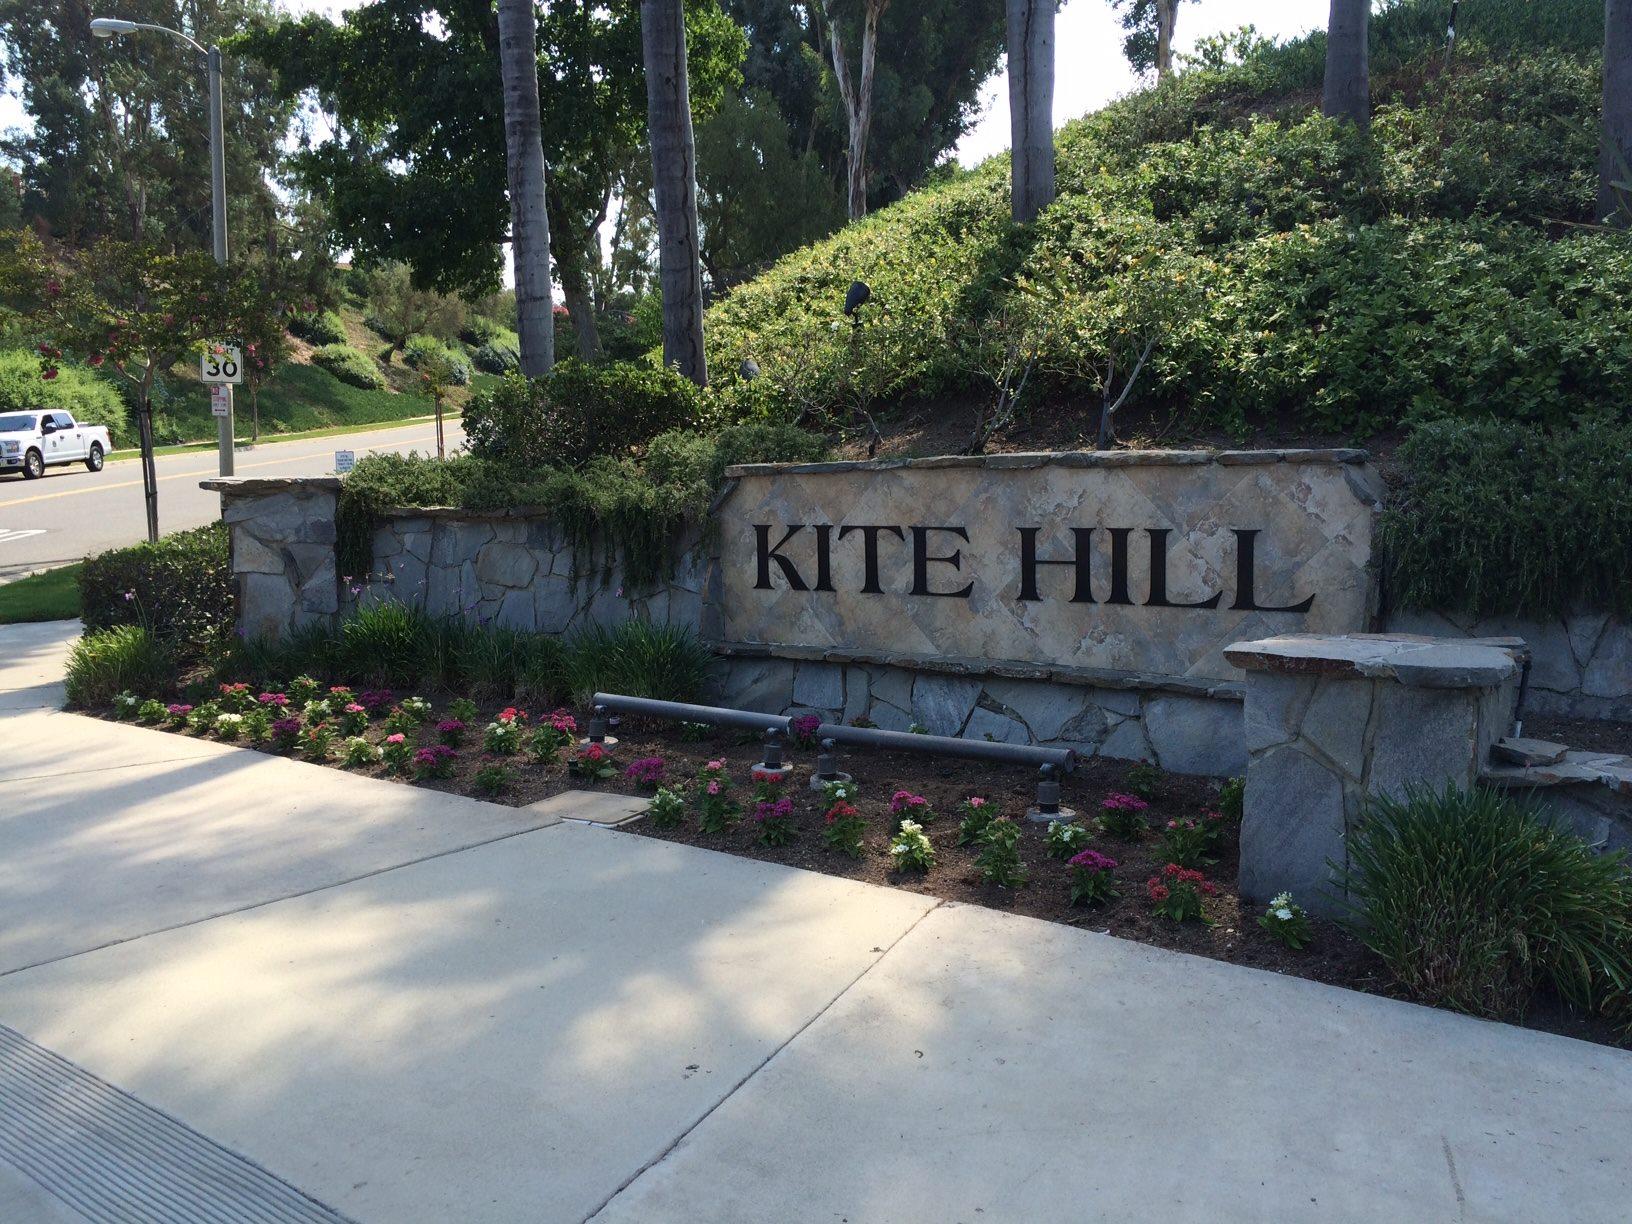 KiteHill1.jpg